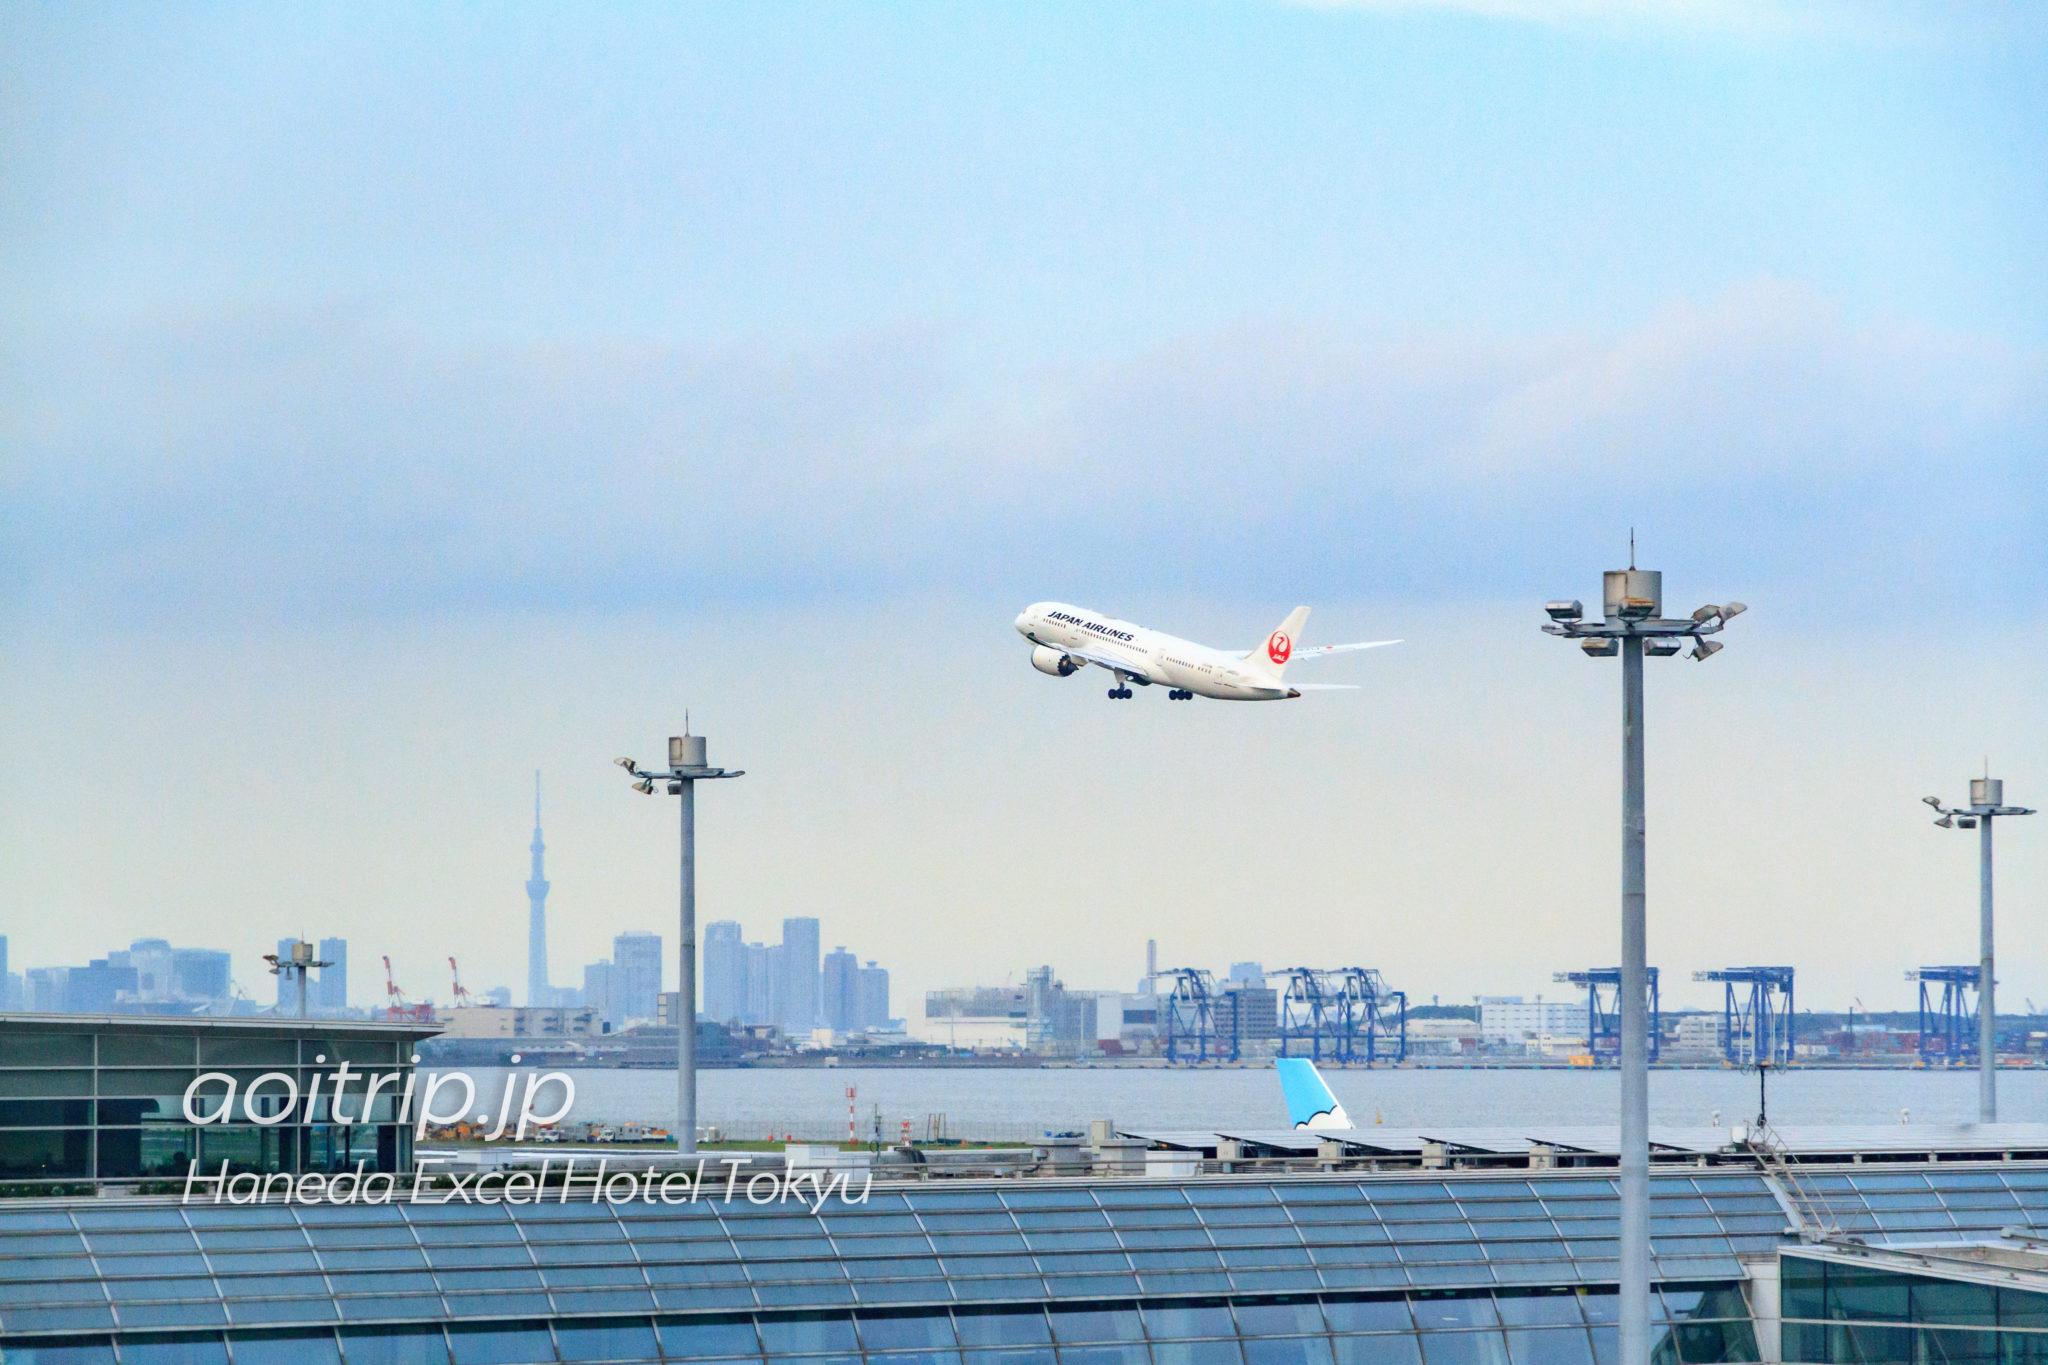 羽田エクセルホテル東急 飛行機・滑走路ビューの眺望